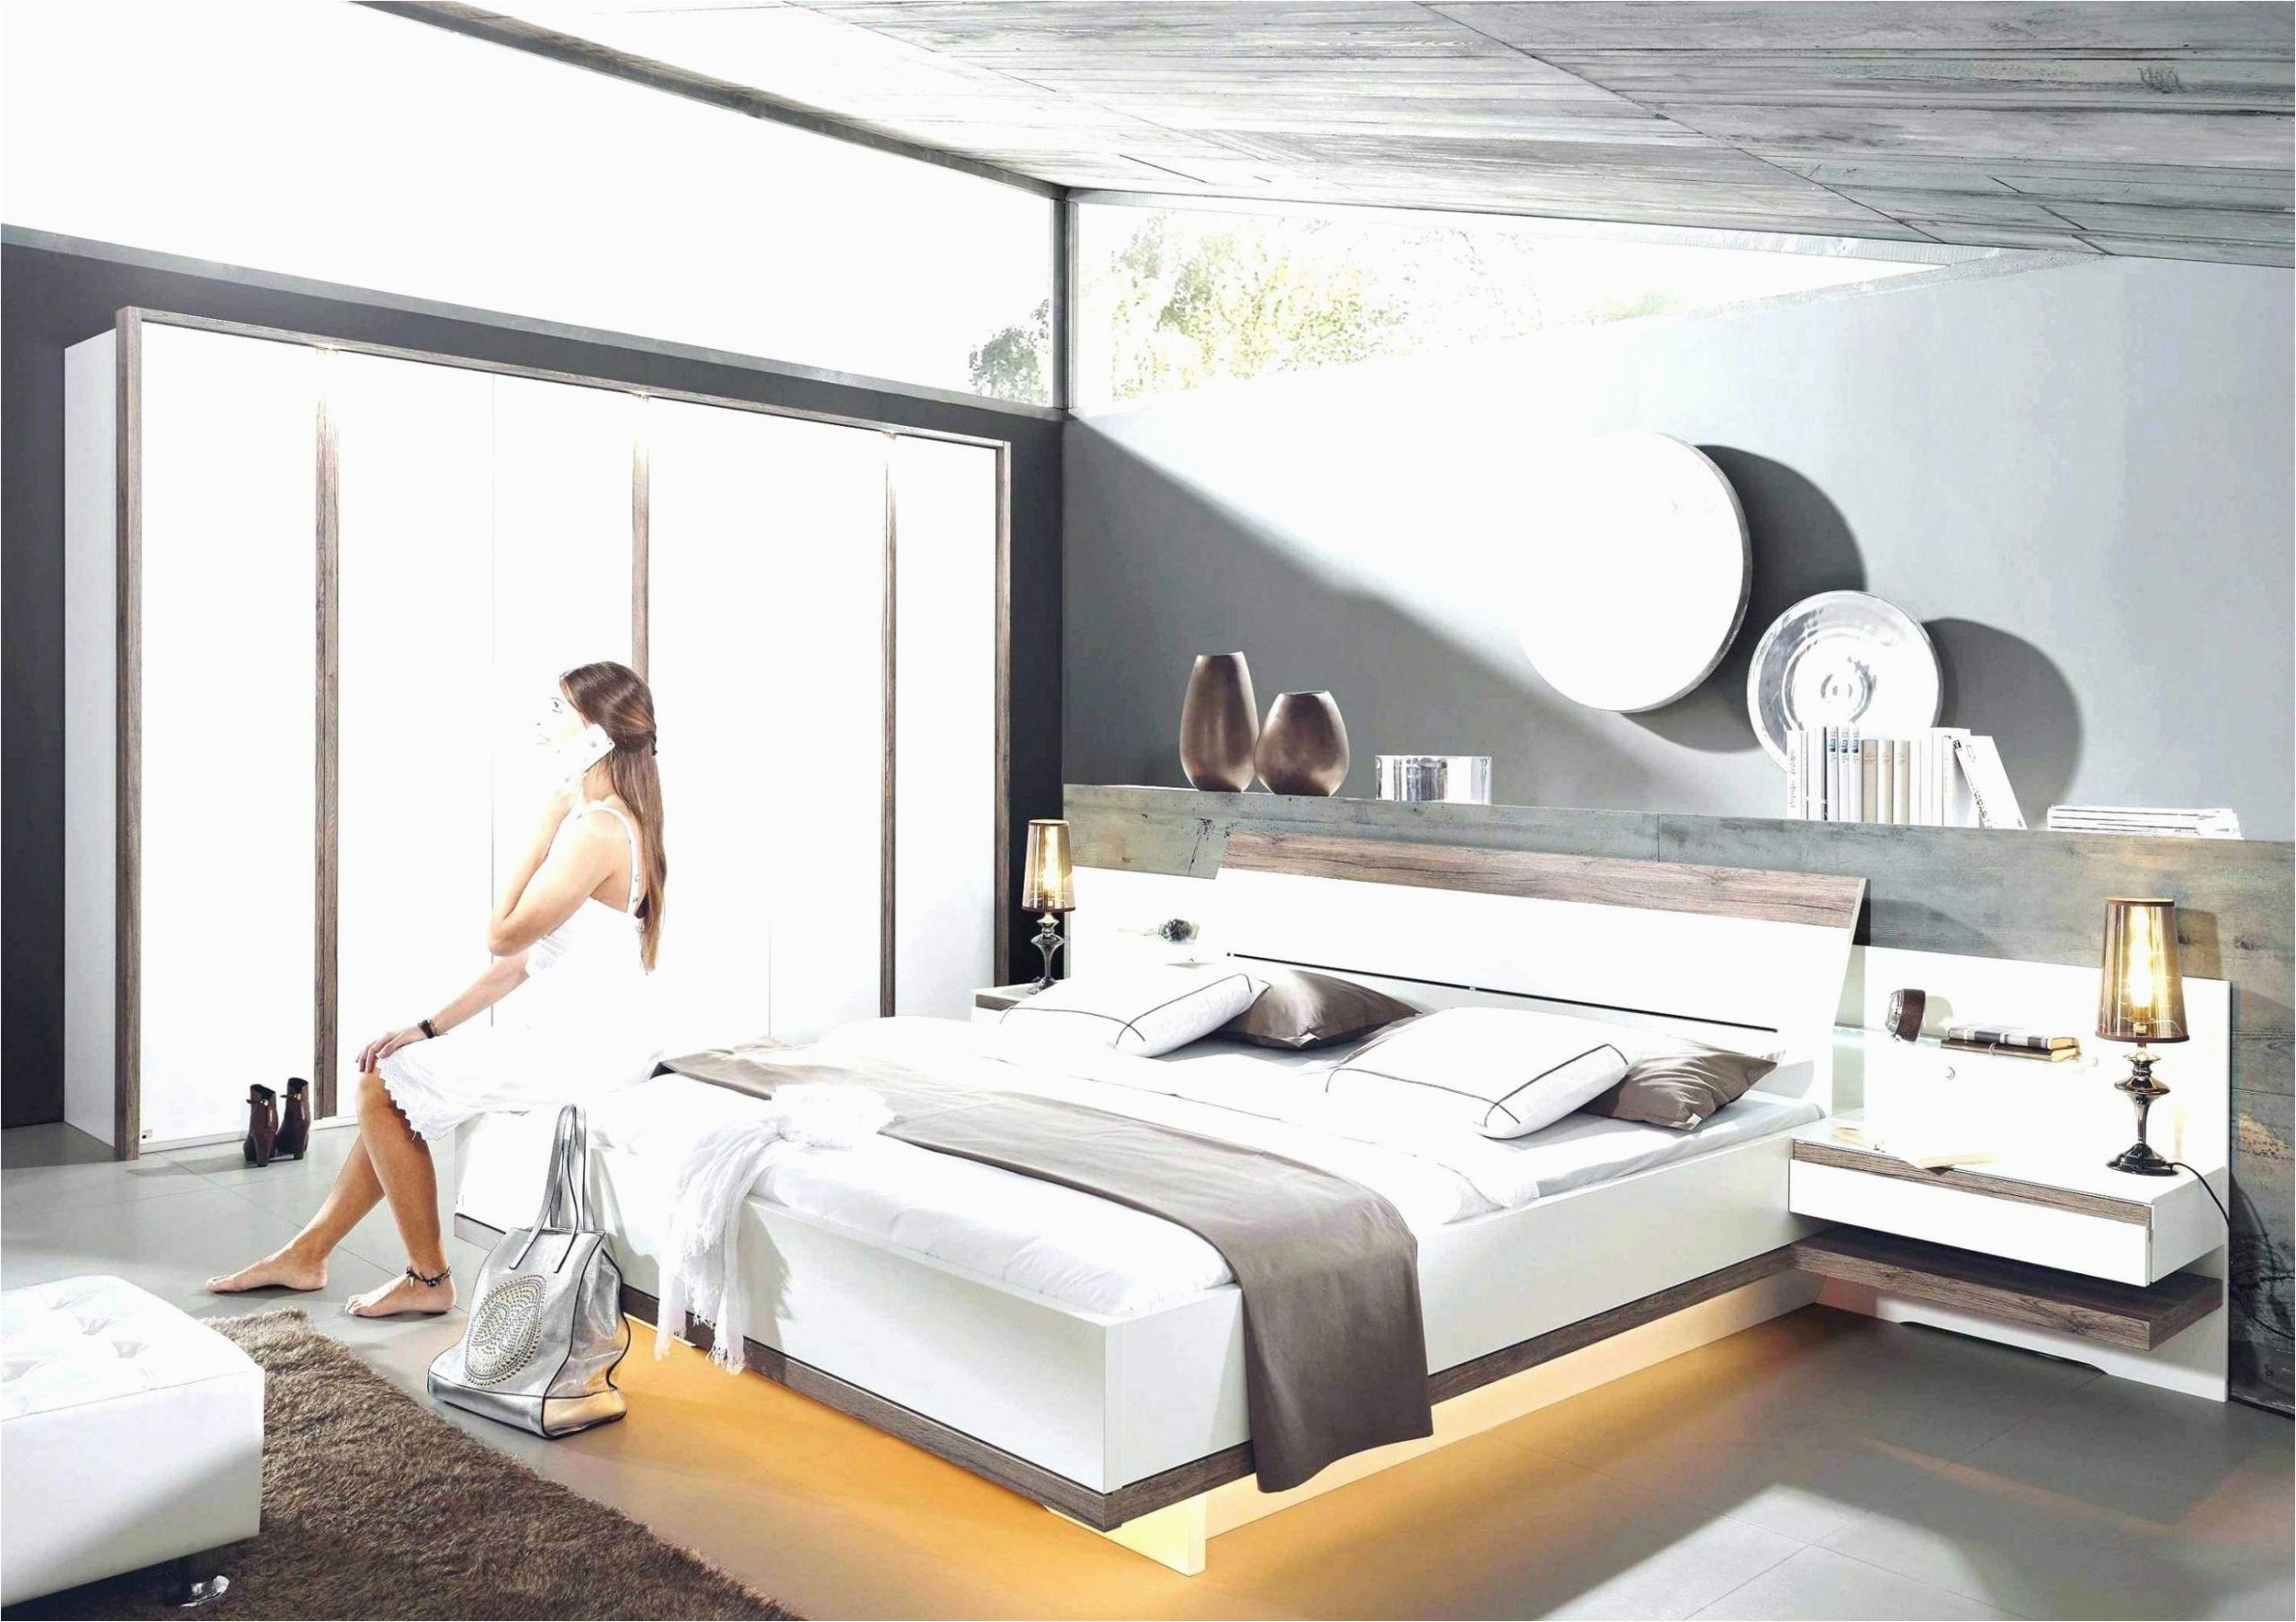 Schlafzimmer Lampen Bett 36 Schön Wohnzimmer Lampe Led Genial